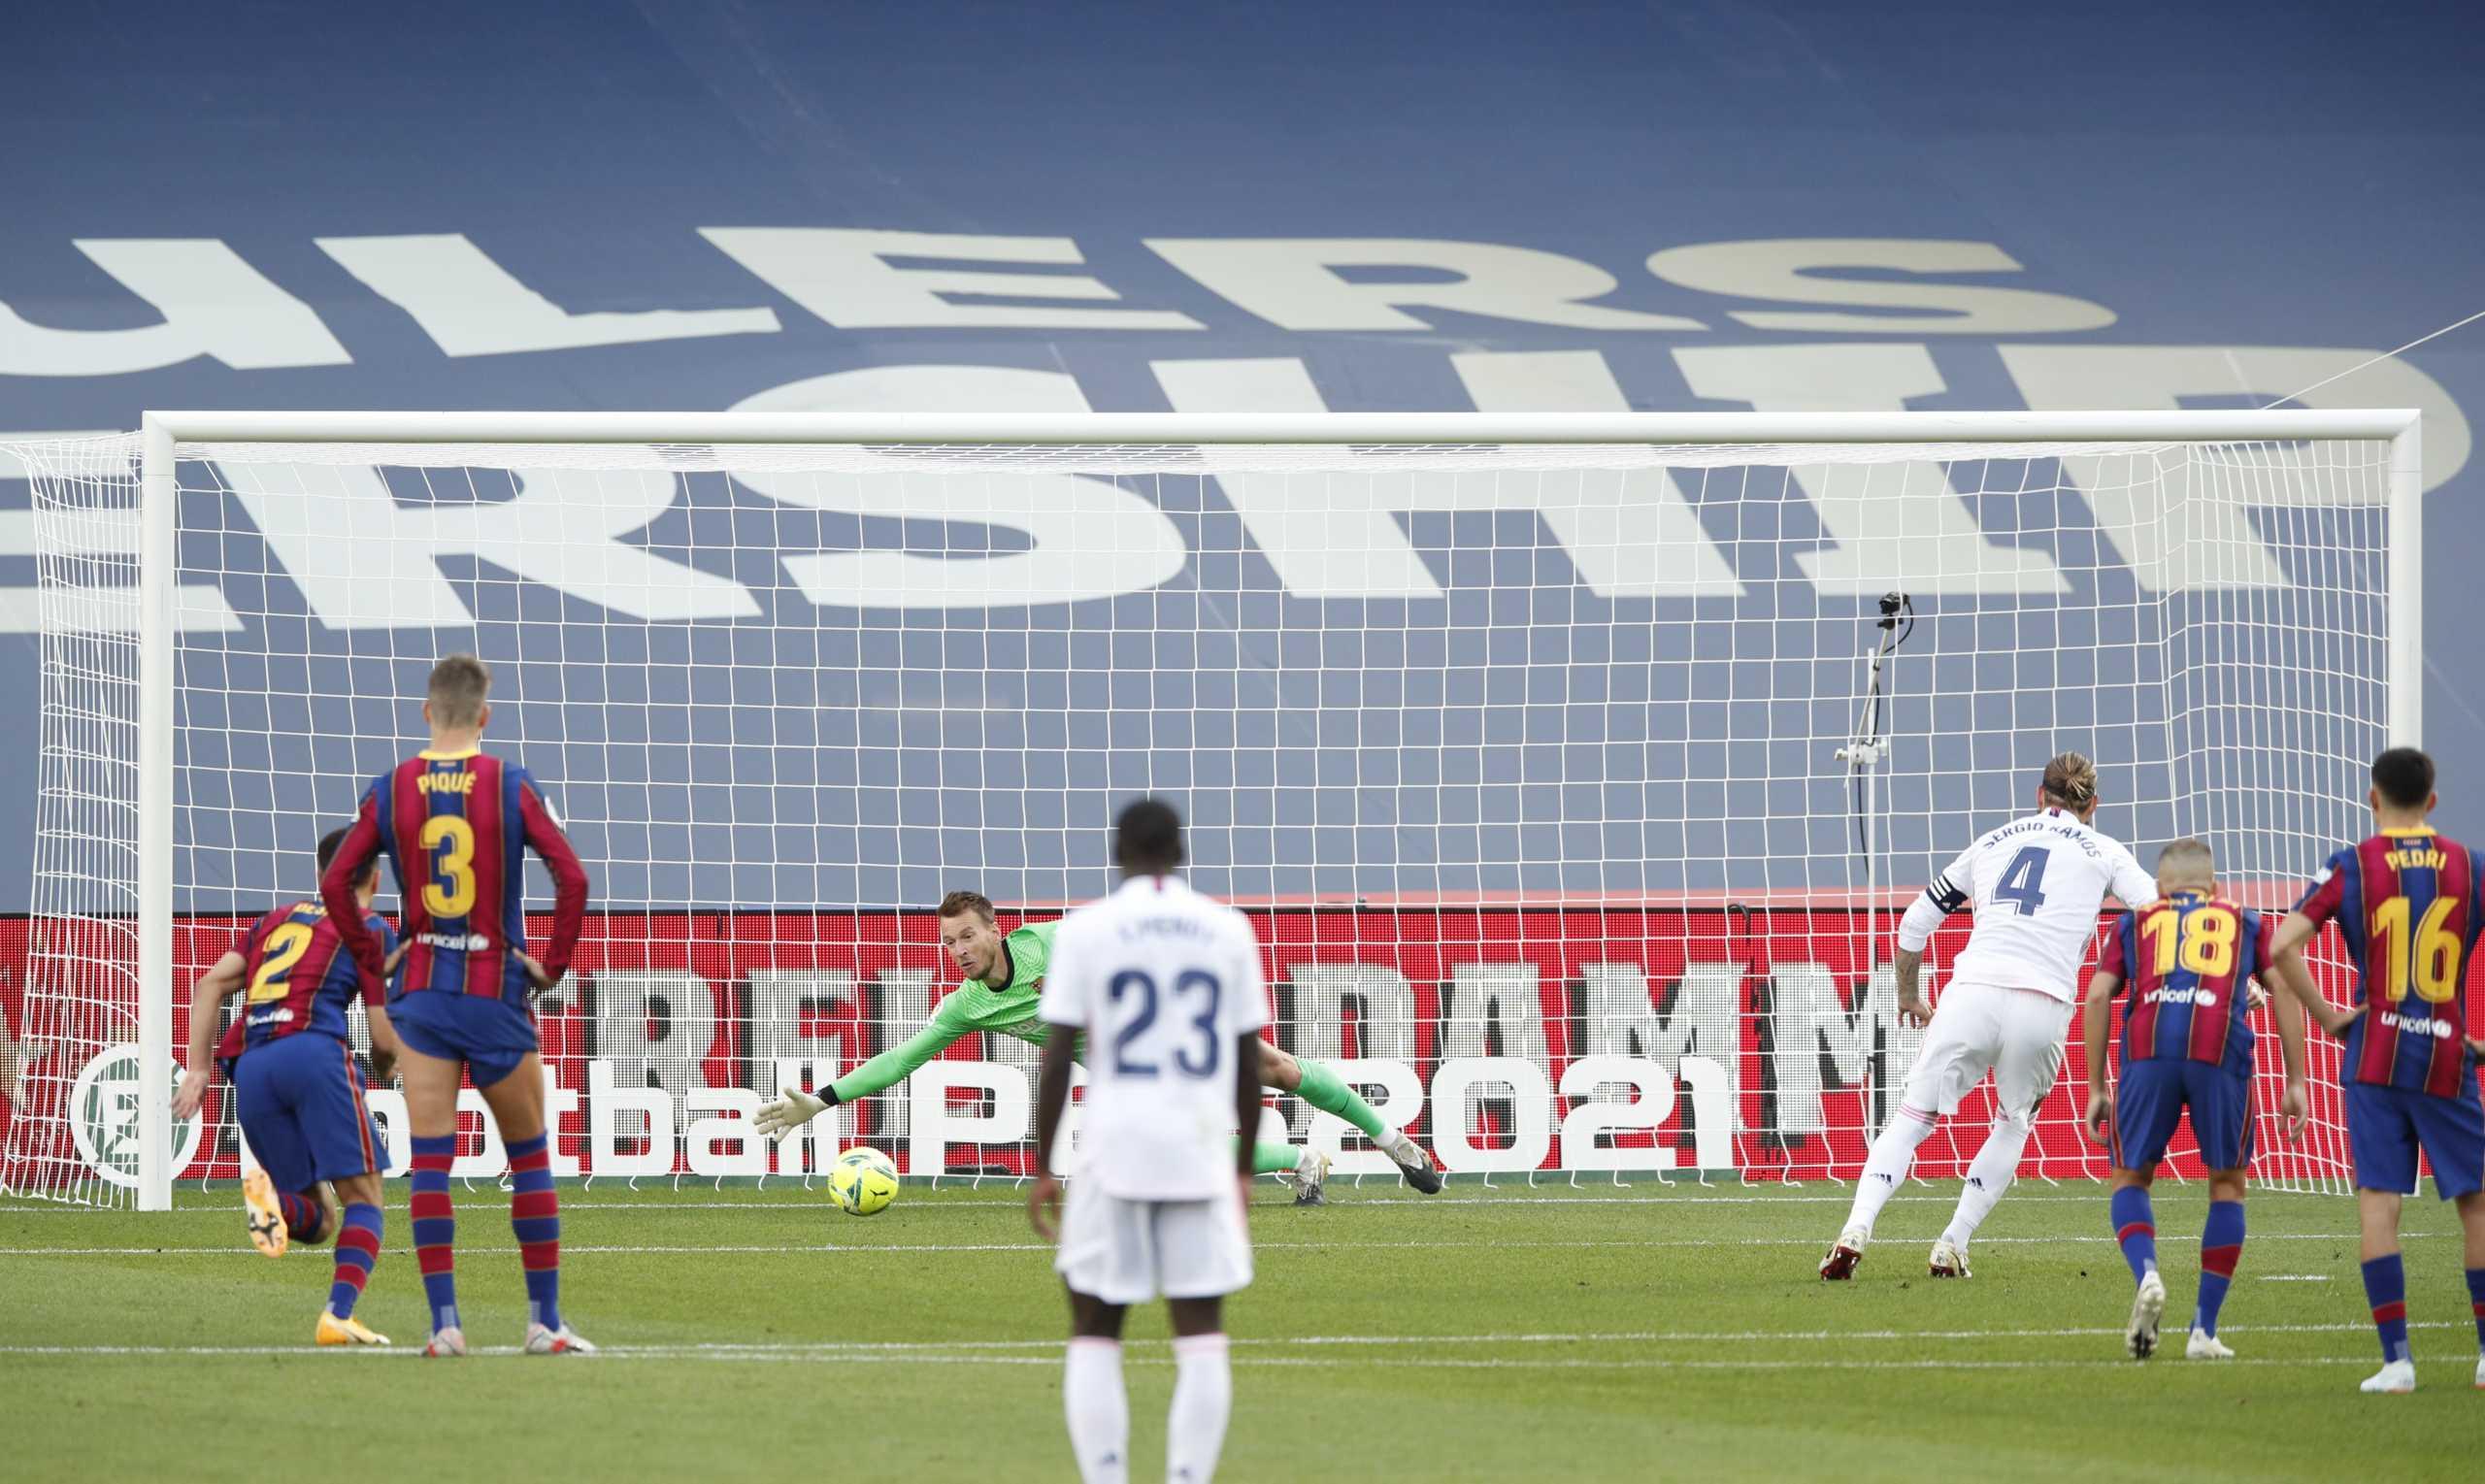 Μπαρτσελόνα – Ρεάλ 1-3 ΤΕΛΙΚΟ: Θρίαμβος για τους Μαδριλένους στη Βαρκελώνη